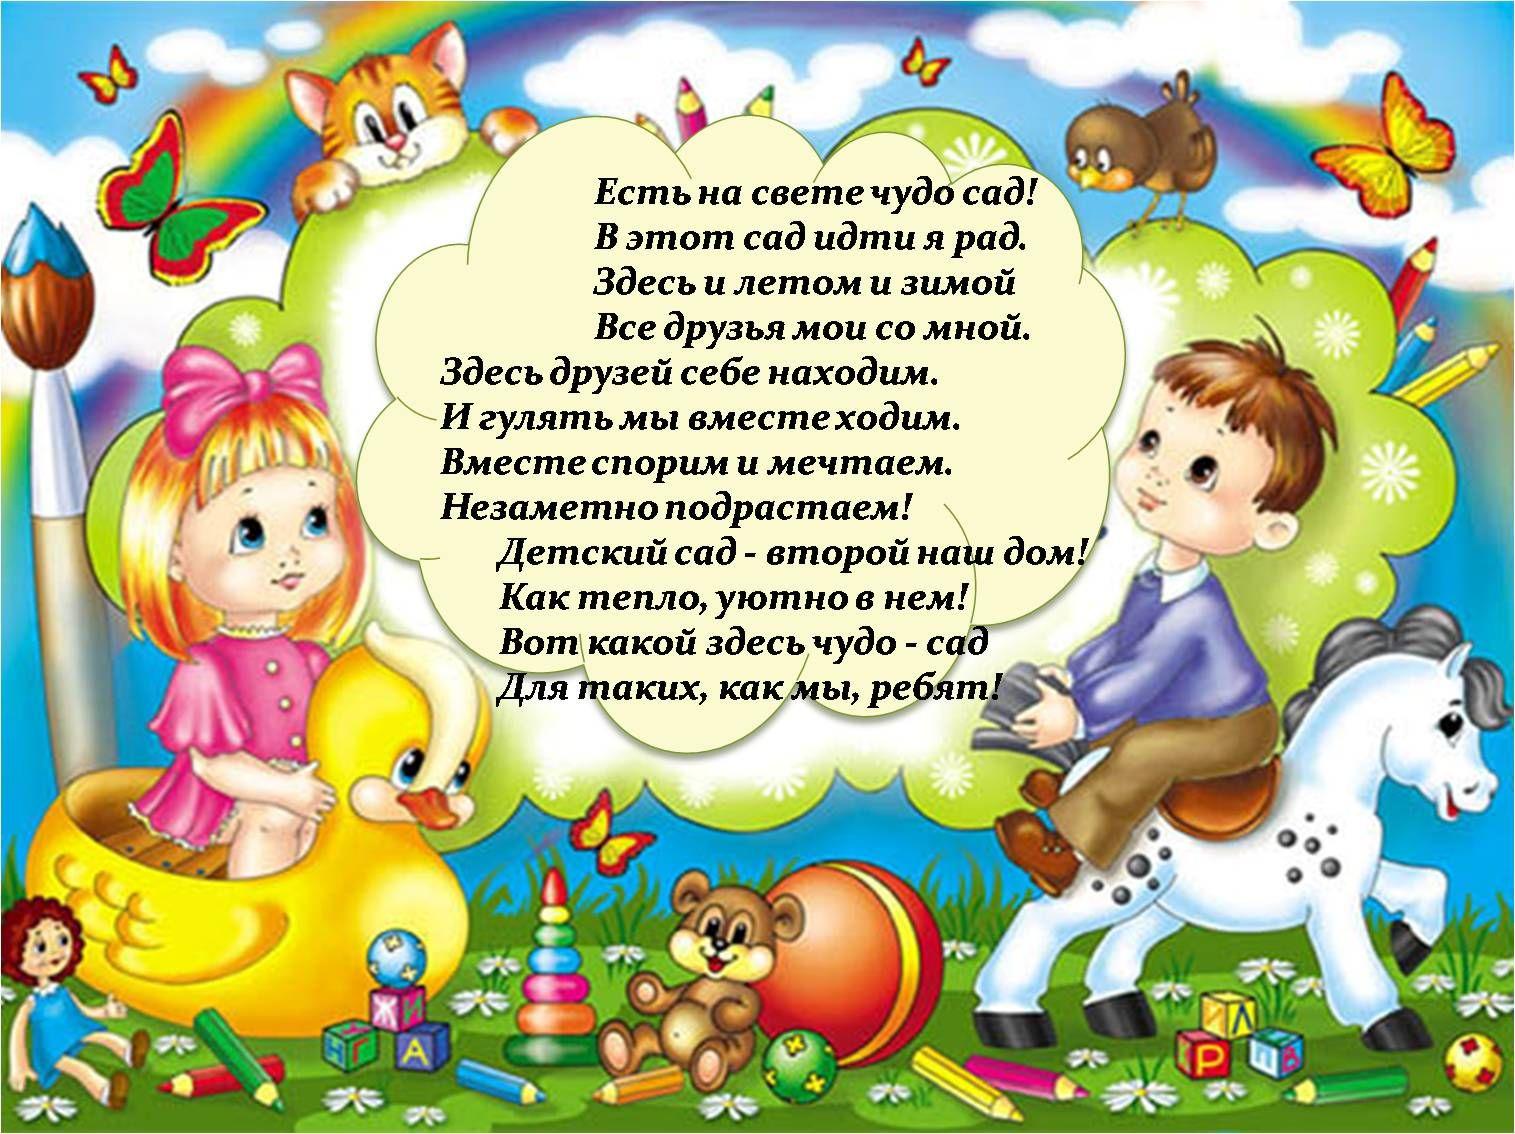 Поздравление детского сада с юбилеем - Поздравок 80